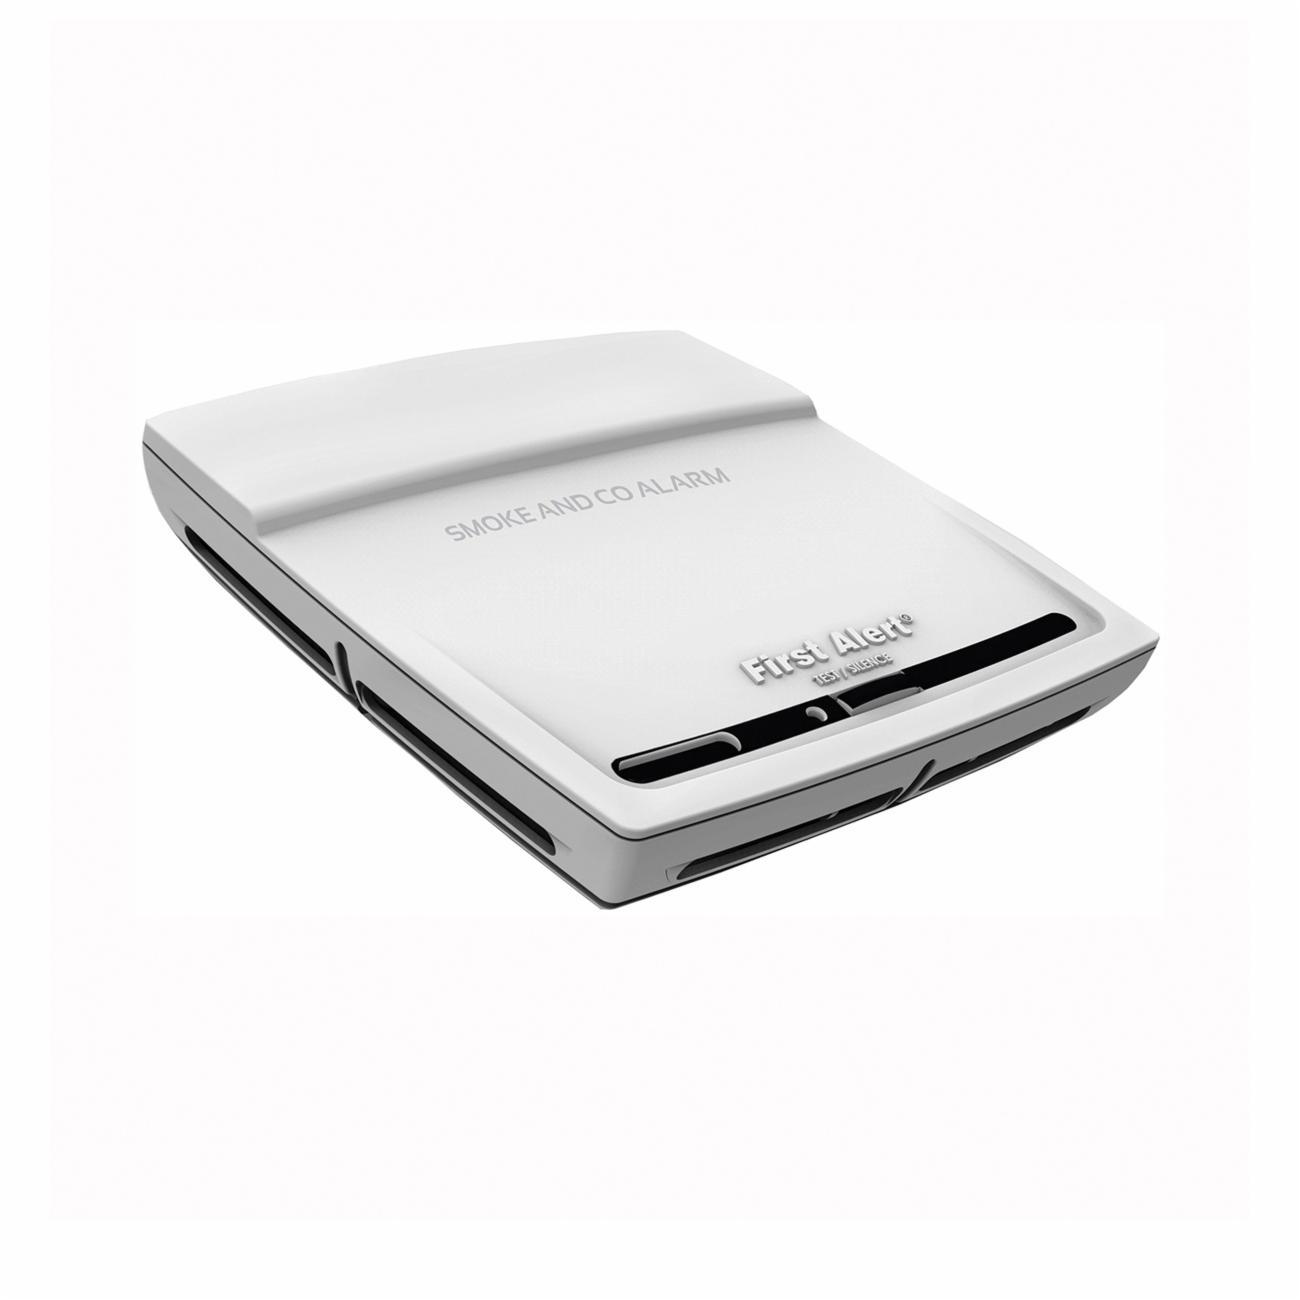 FIRST ALERT/BRK BRANDS PC900